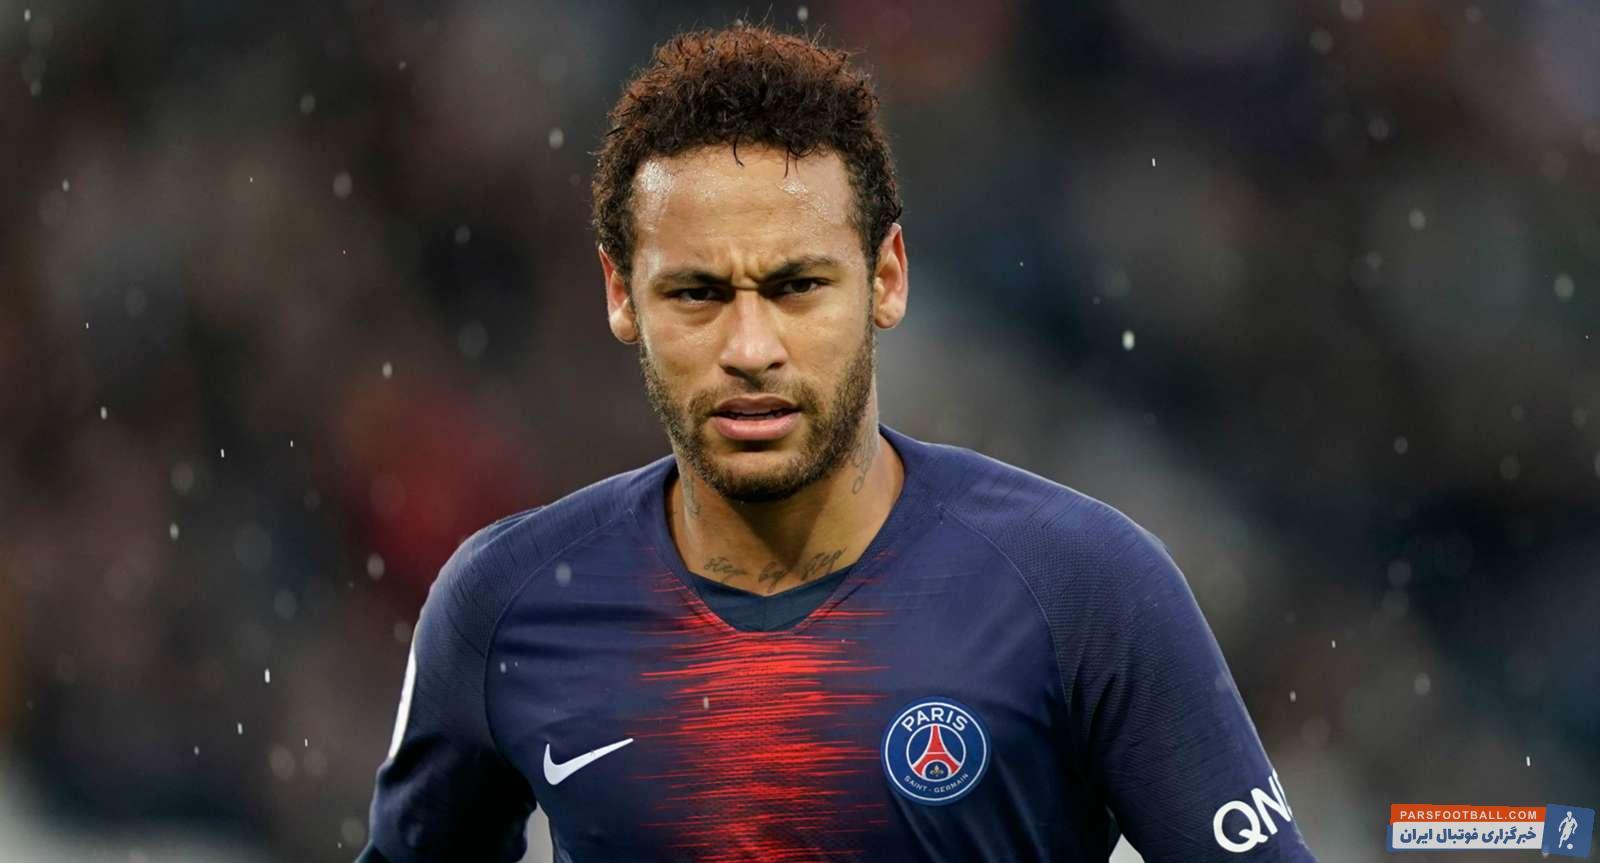 نیمار ؛ پیام اینستاگرامی جدید نیمار ستاره باشگاه فوتبال پاری سن ژرمن فرانسه